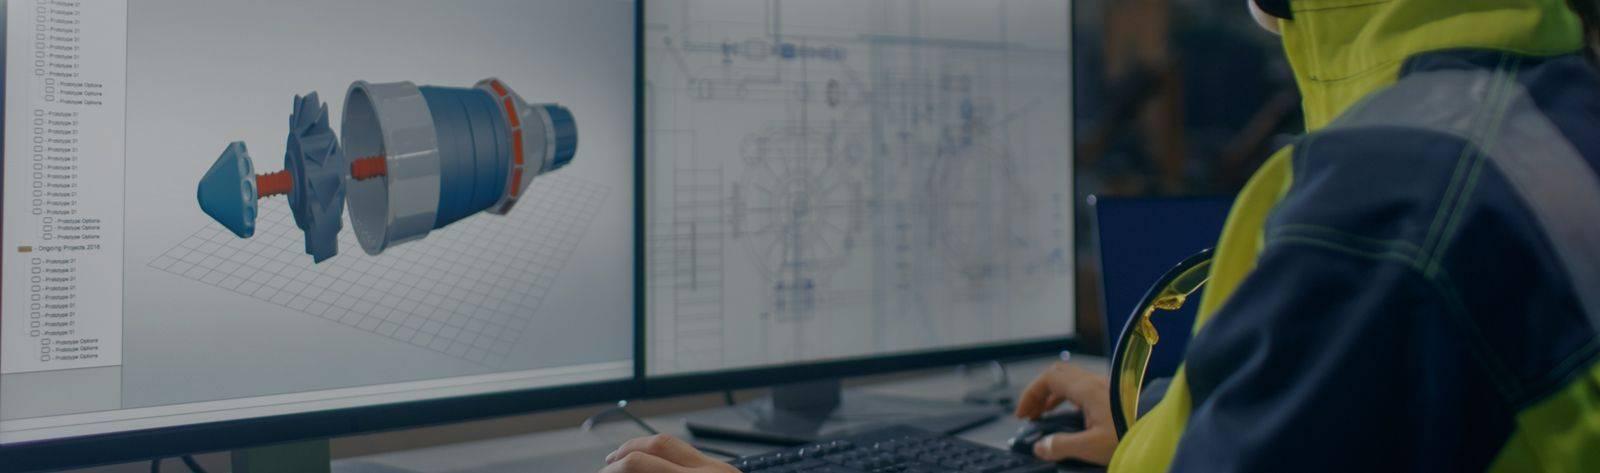 CAD Design Jobs